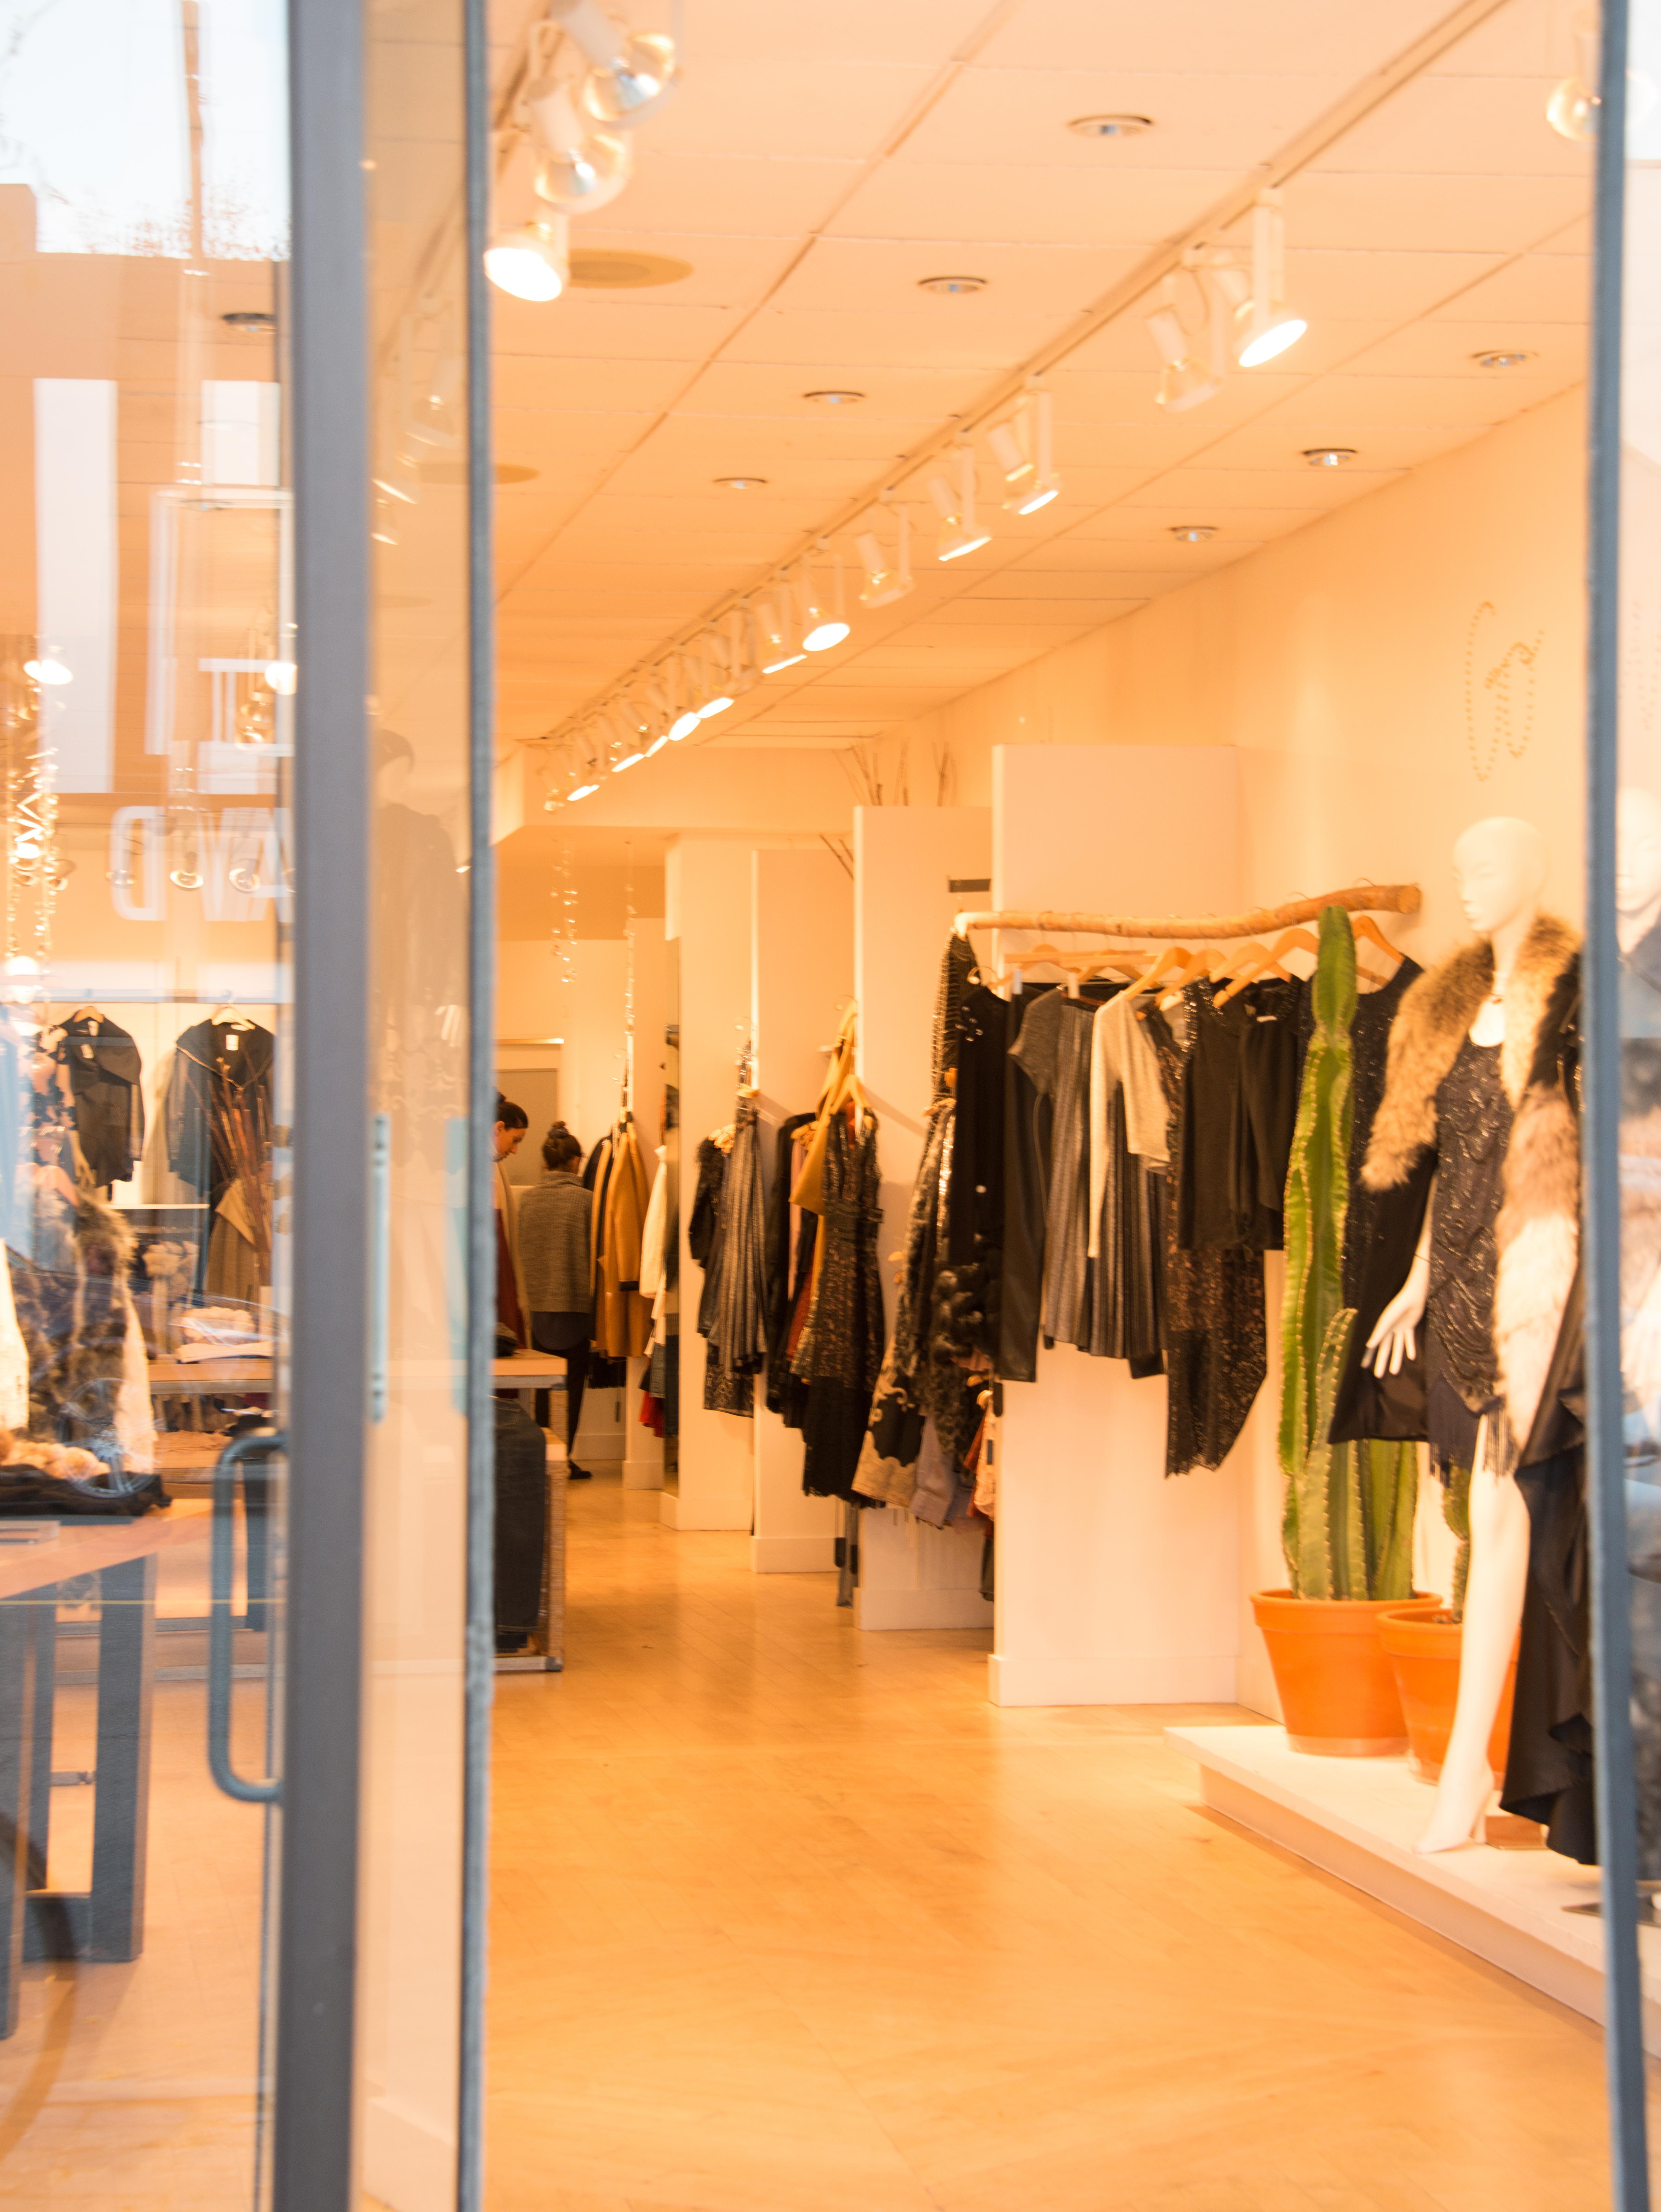 Shopping on Yonge Street